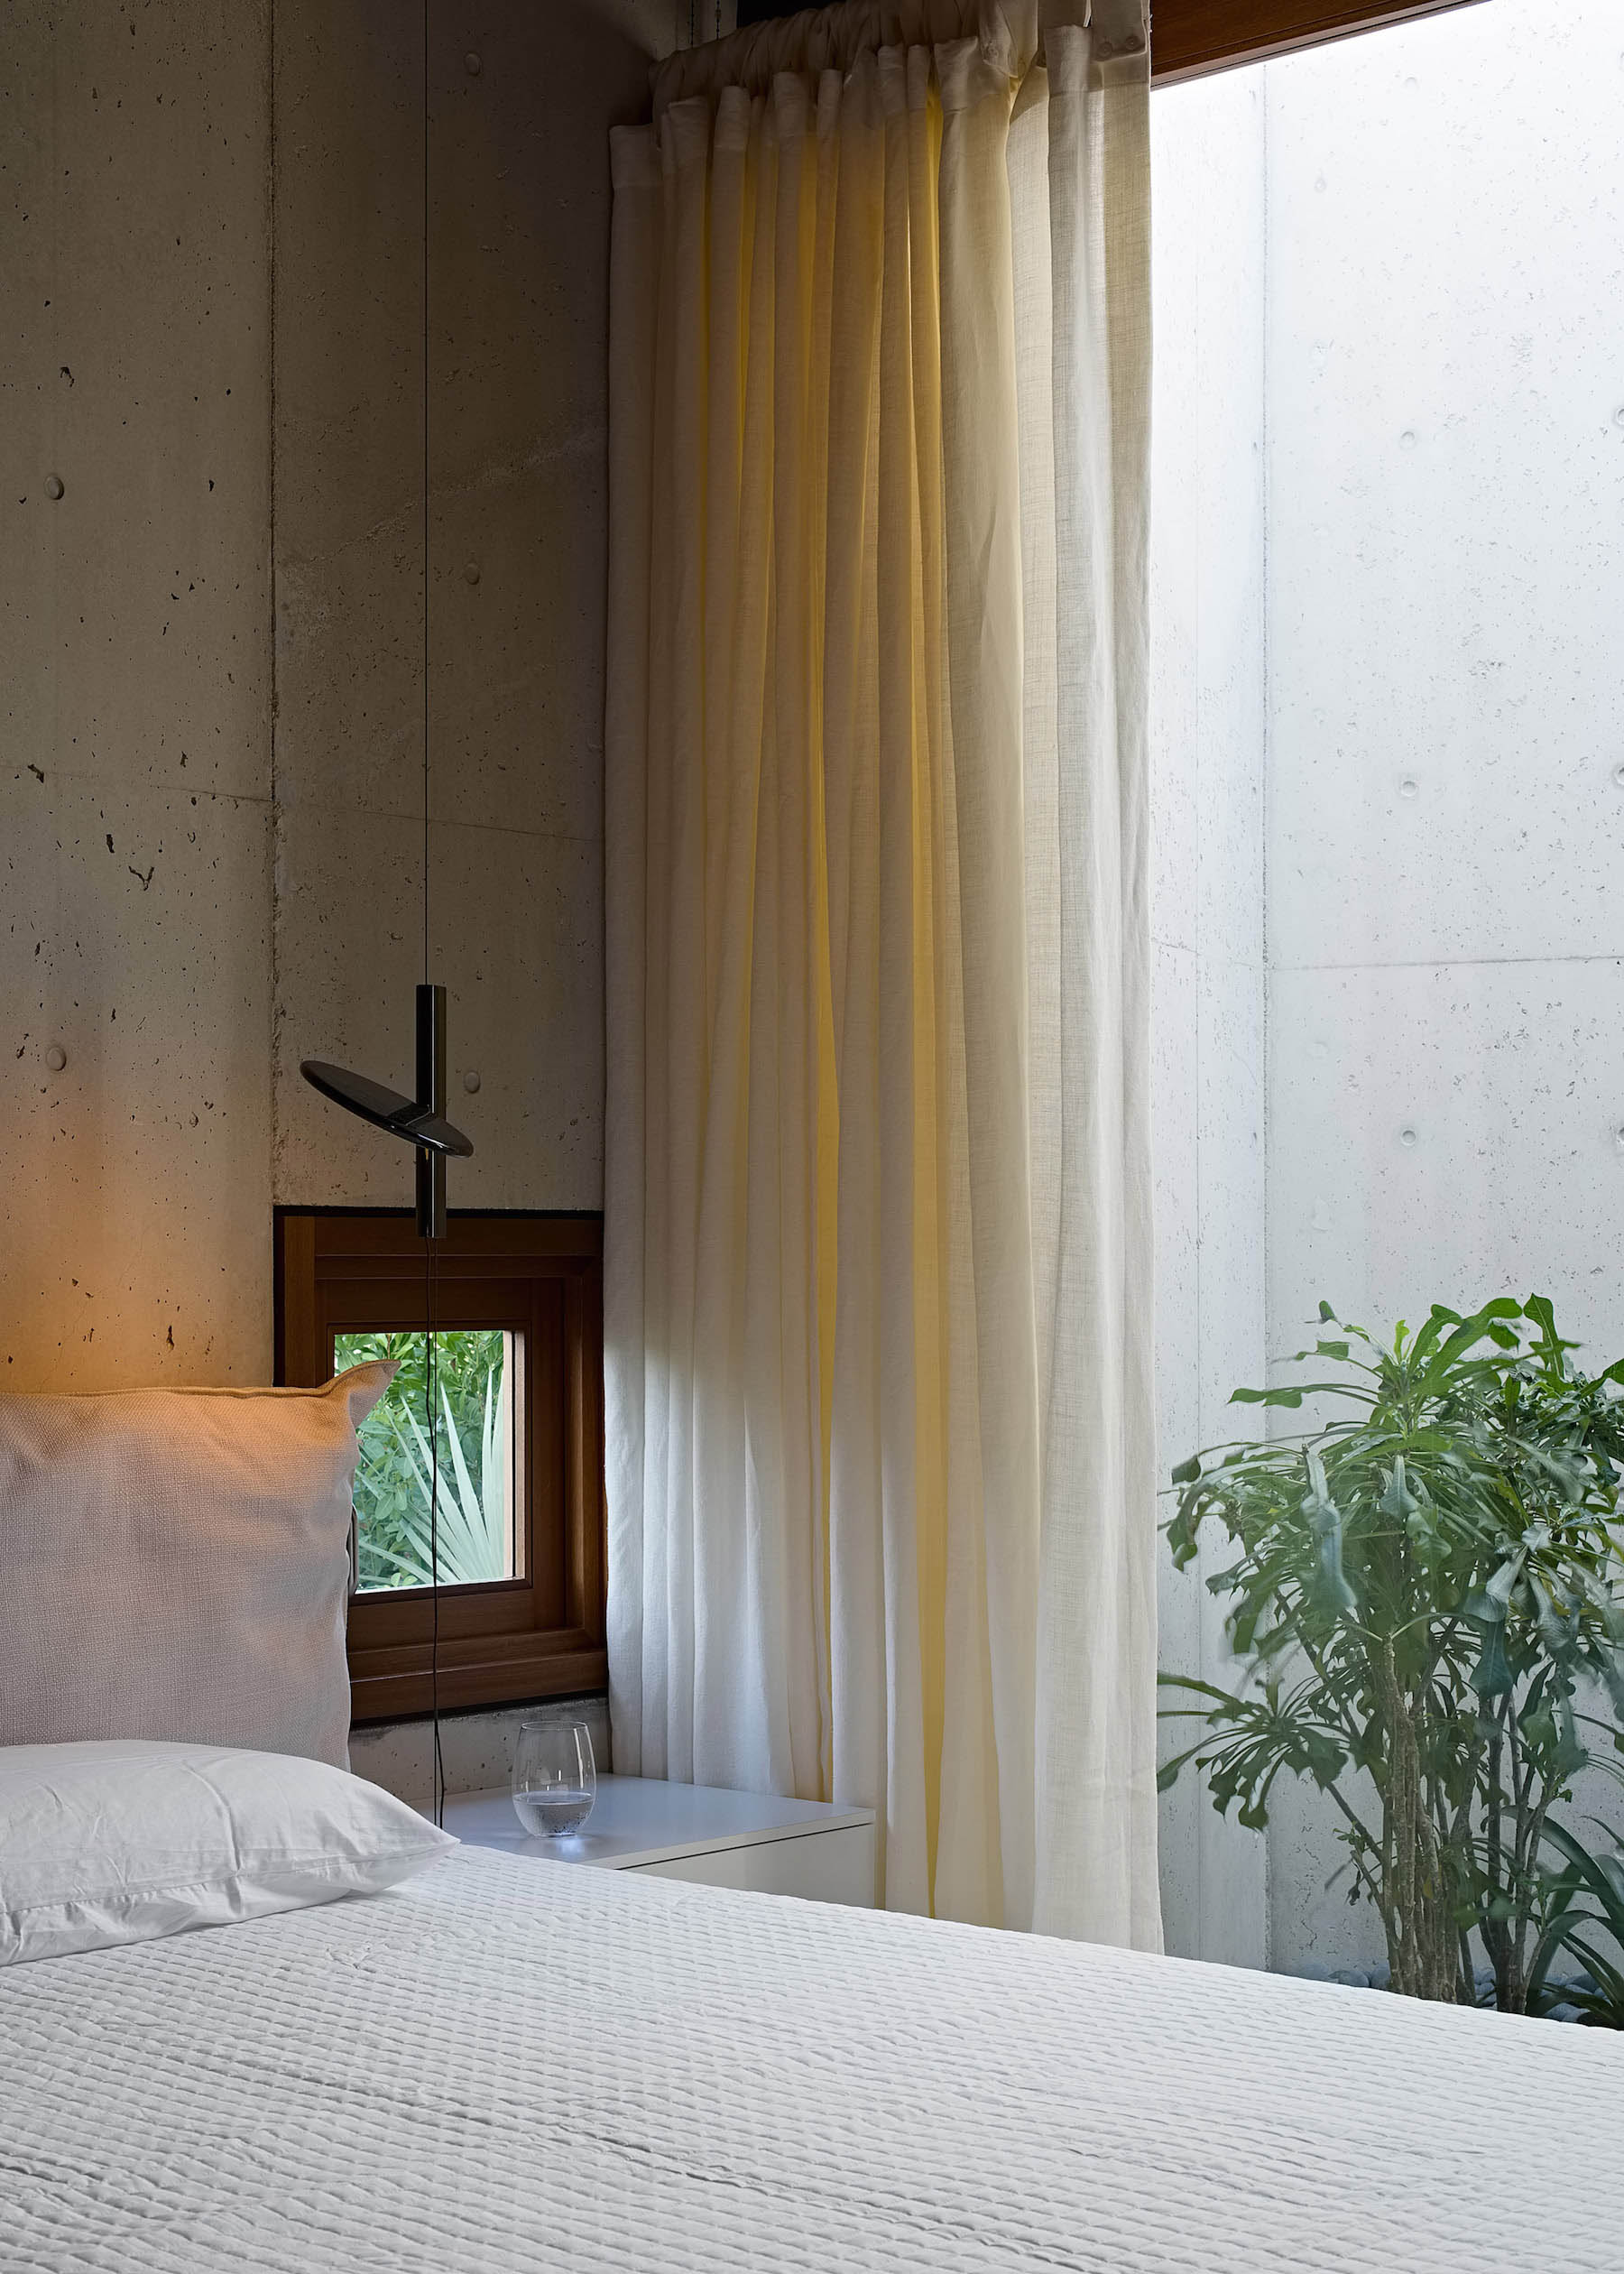 iGNANT-Architecture-Rick-Joy-Architects-La-Cabanon-04